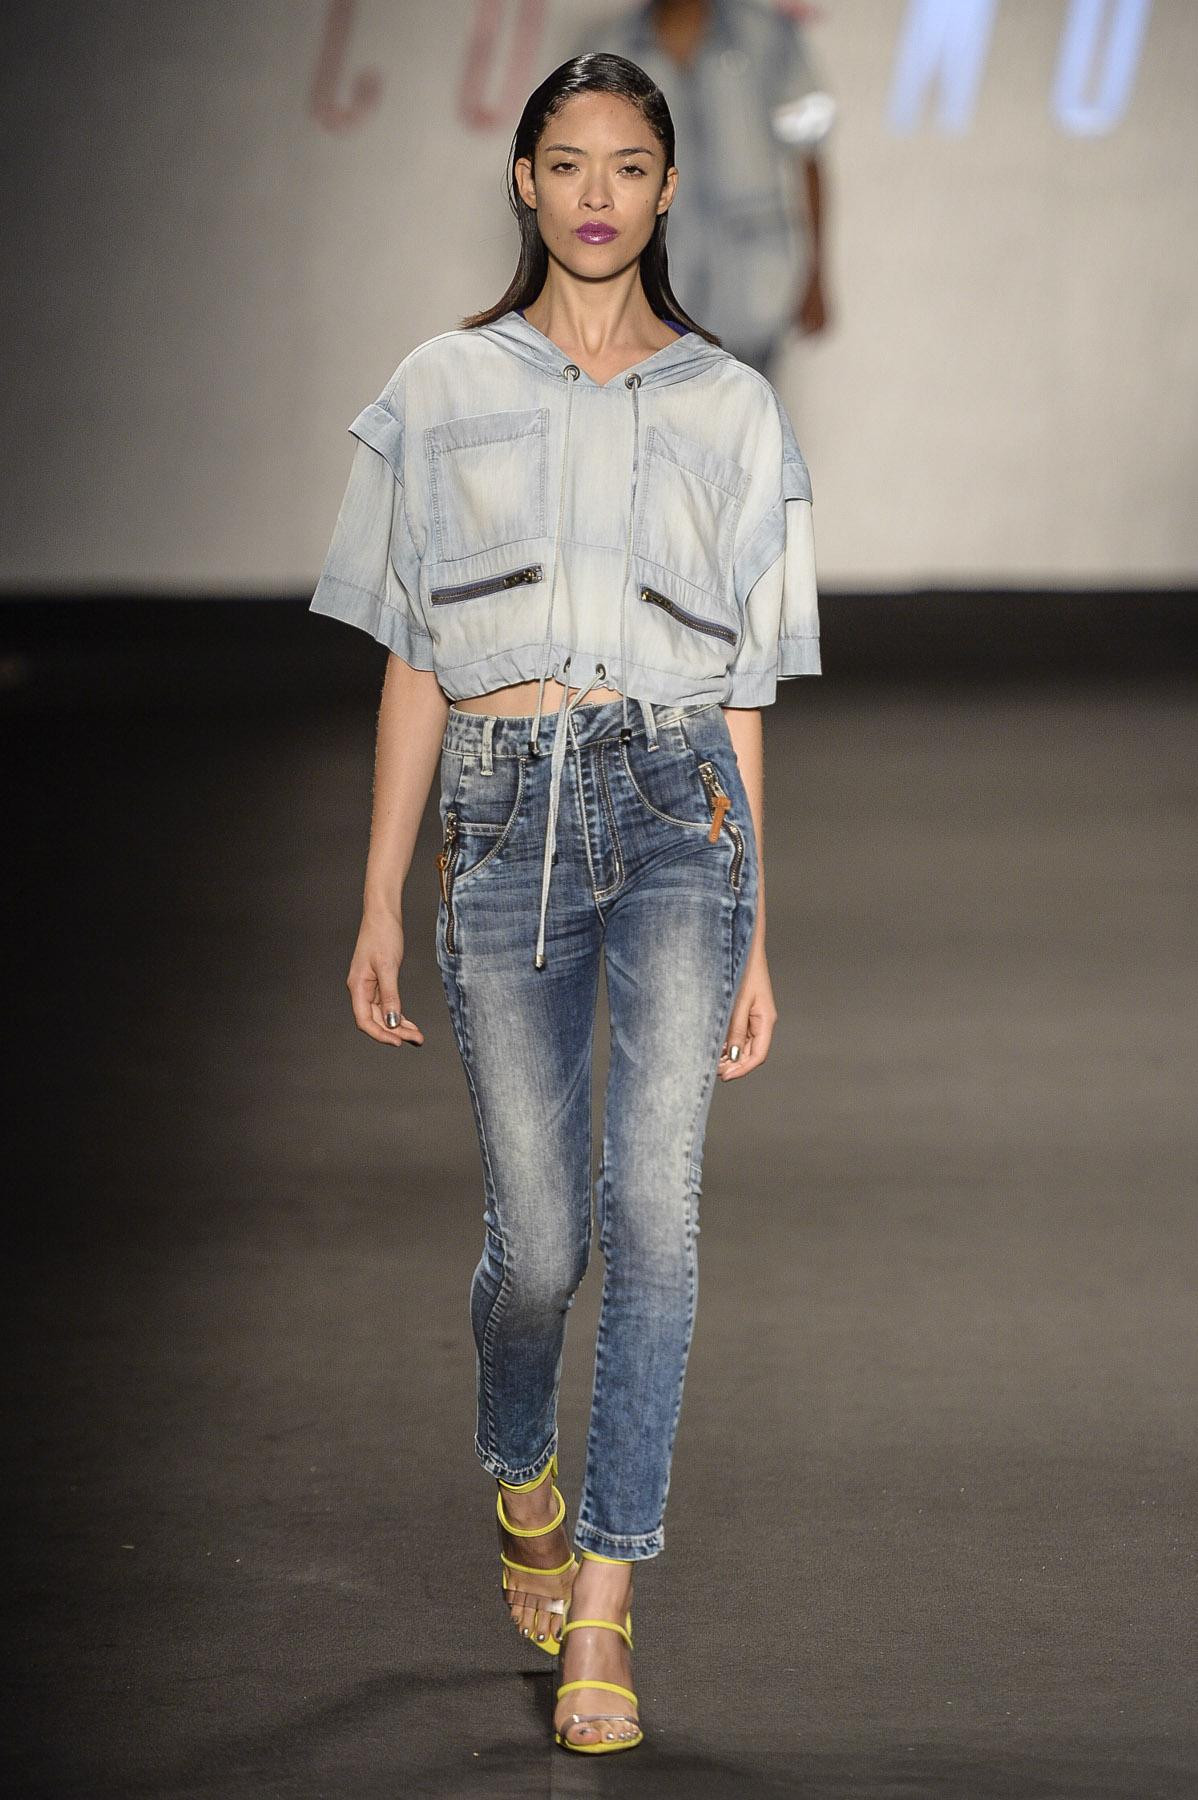 Cole O Coca Cola Jeans Fashion Rio Ver O 2015 Rtw